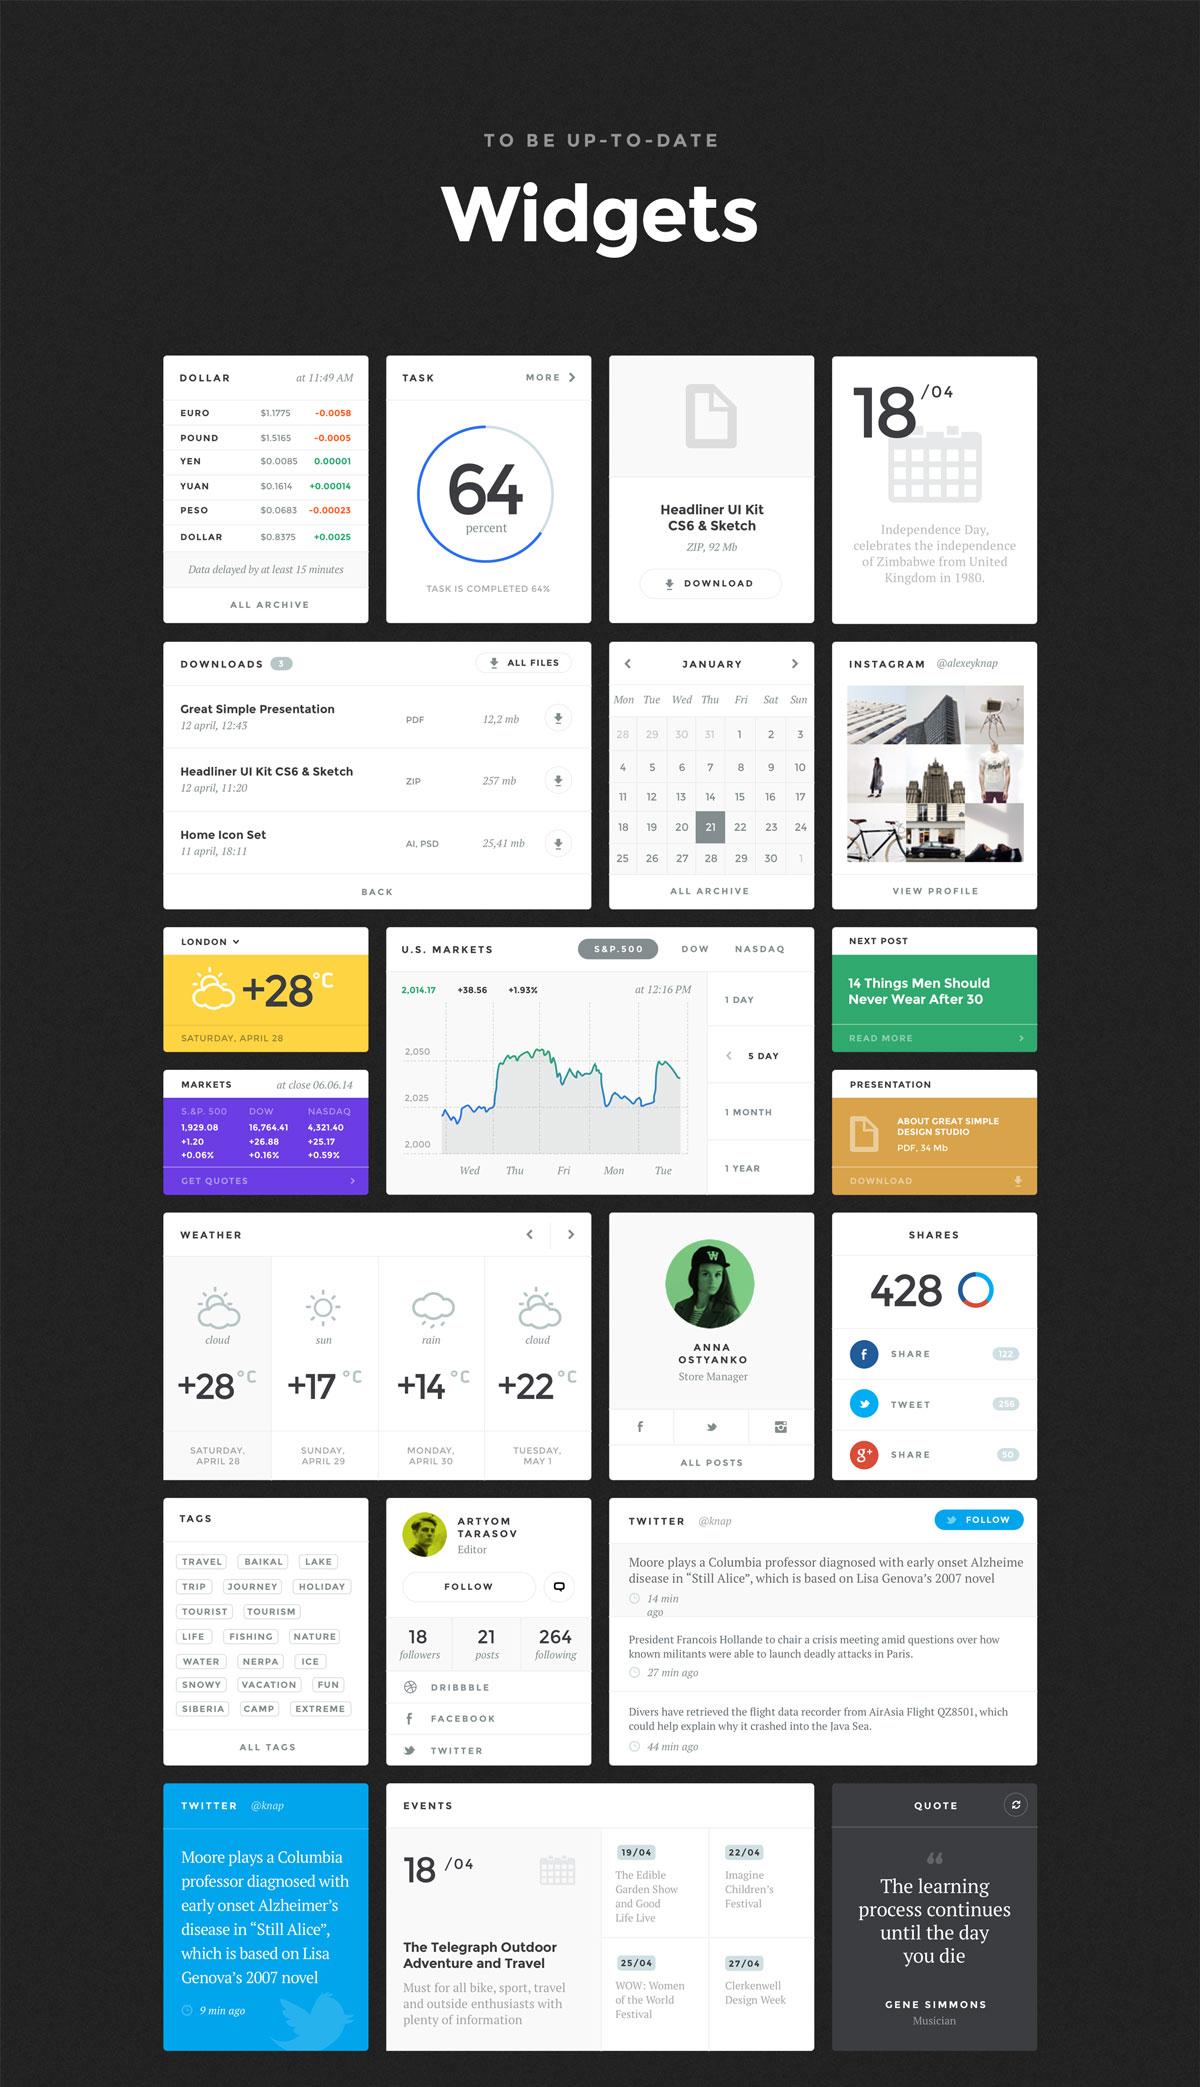 多功能社交商城视频APP应用程序UI界面设计套件 Baikal UI Kit插图(2)